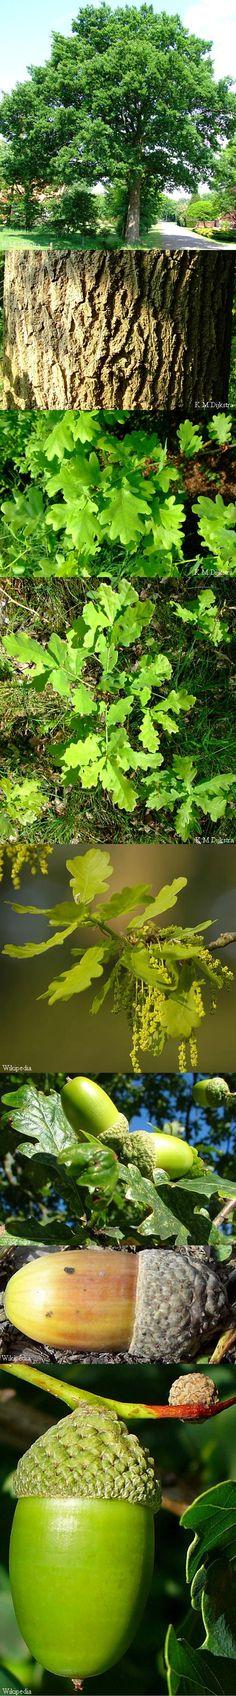 Zomereik - Quercus robur  hout: duurzaam gladde schors van jonge bomen: looistof